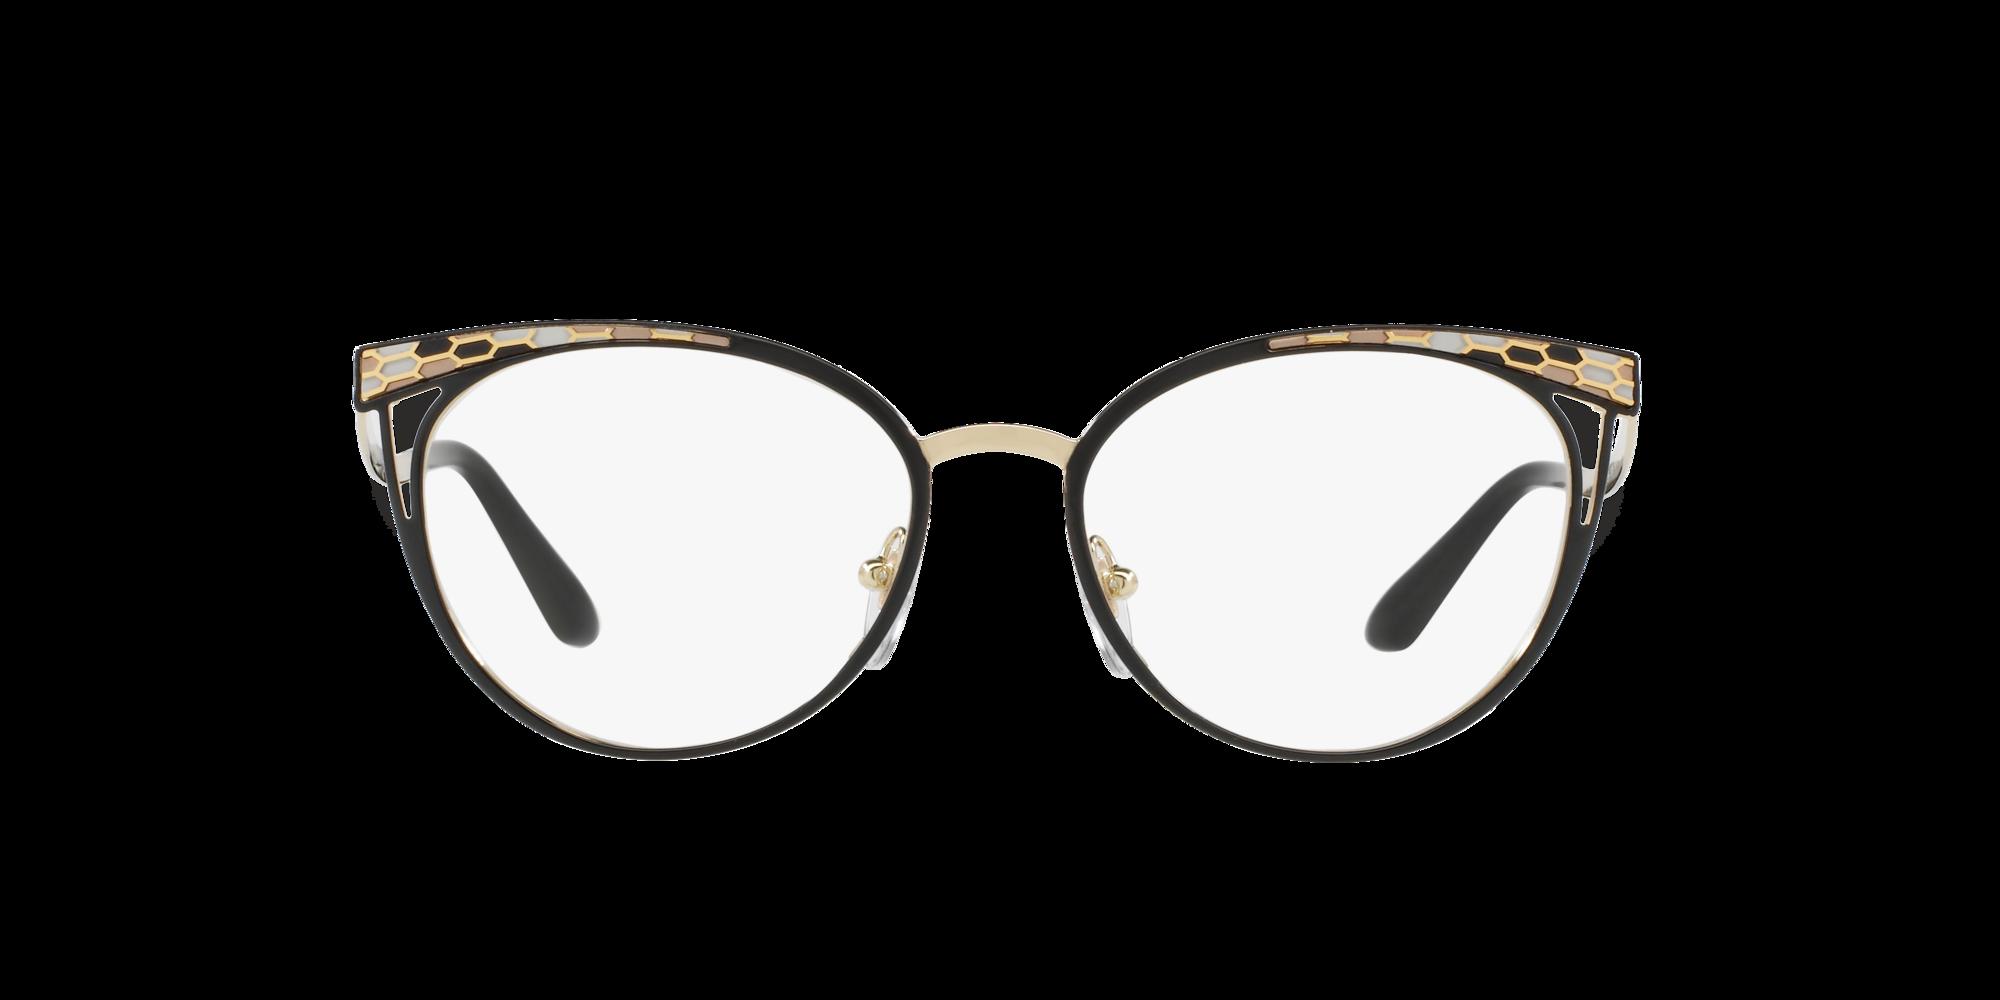 Imagen para BV2186 de LensCrafters    Espejuelos, espejuelos graduados en línea, gafas